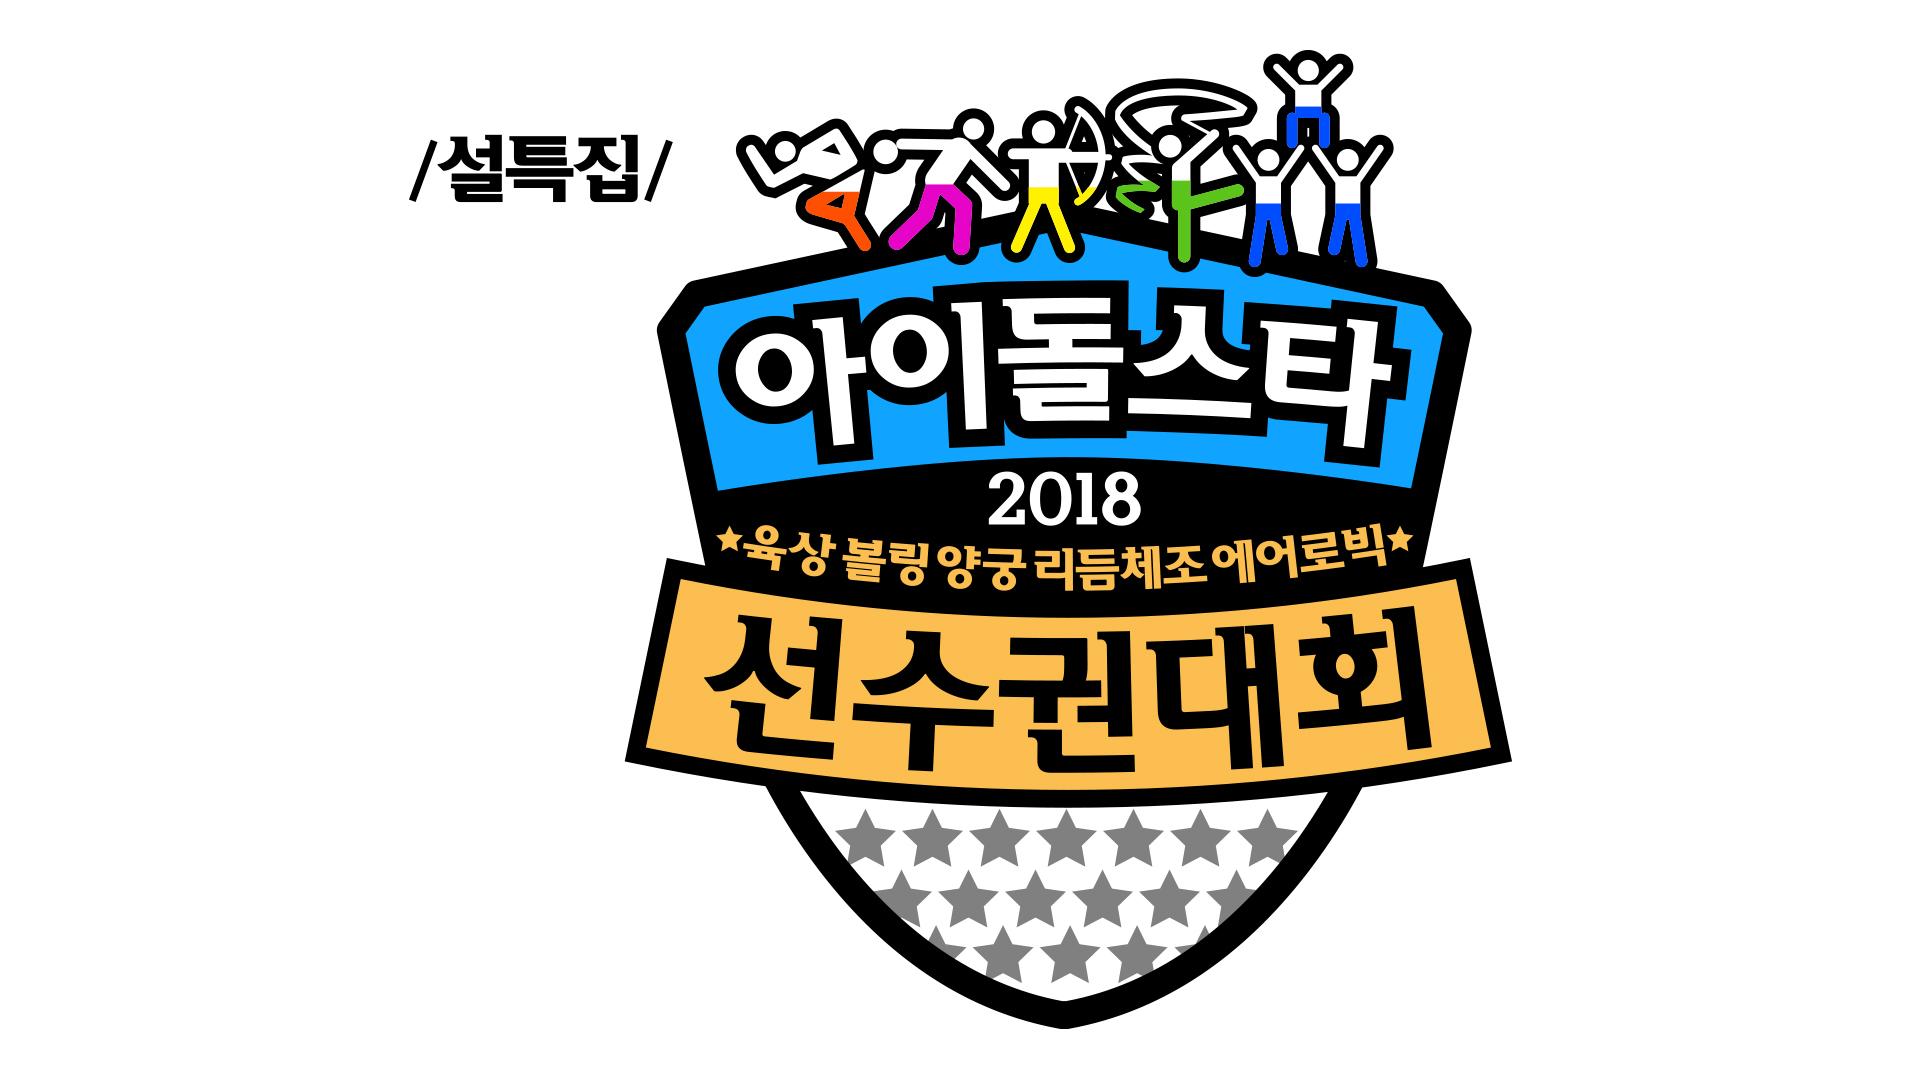 '아육대'부터 '토토가3'까지··· MBC, 설 연휴 특집 방송 책임진다!